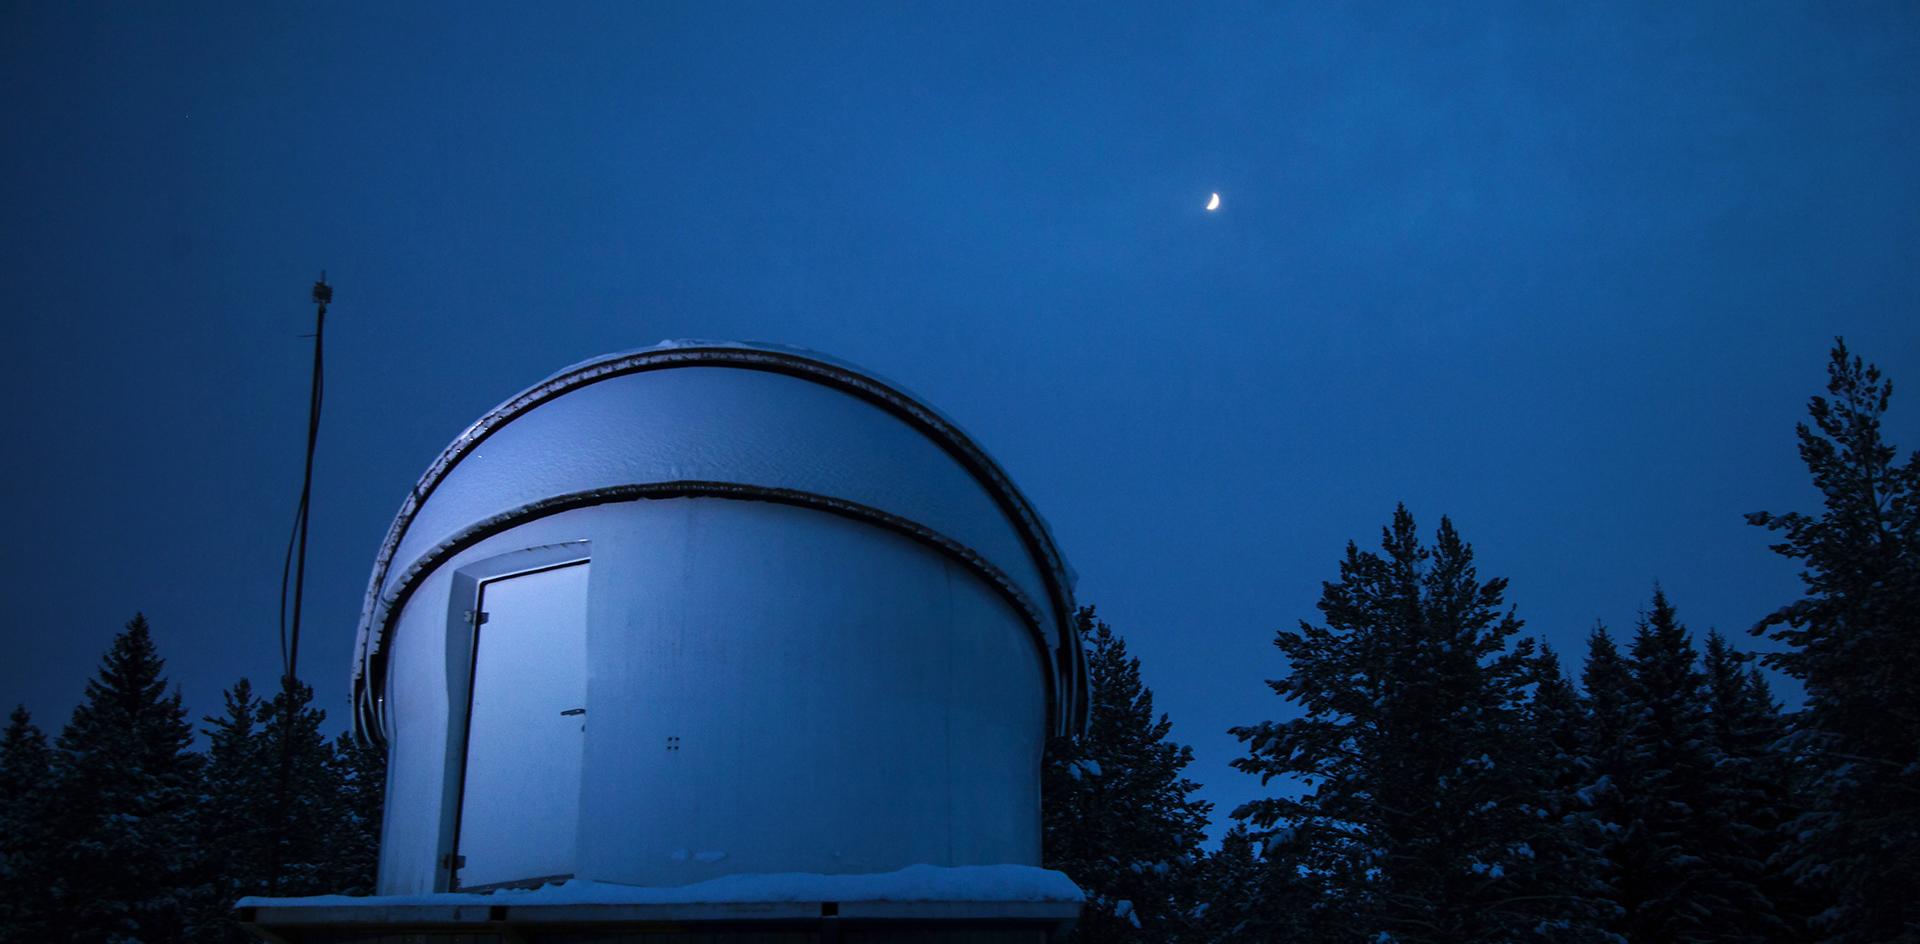 Космическая связь: репортаж из Коуровской обсерватории